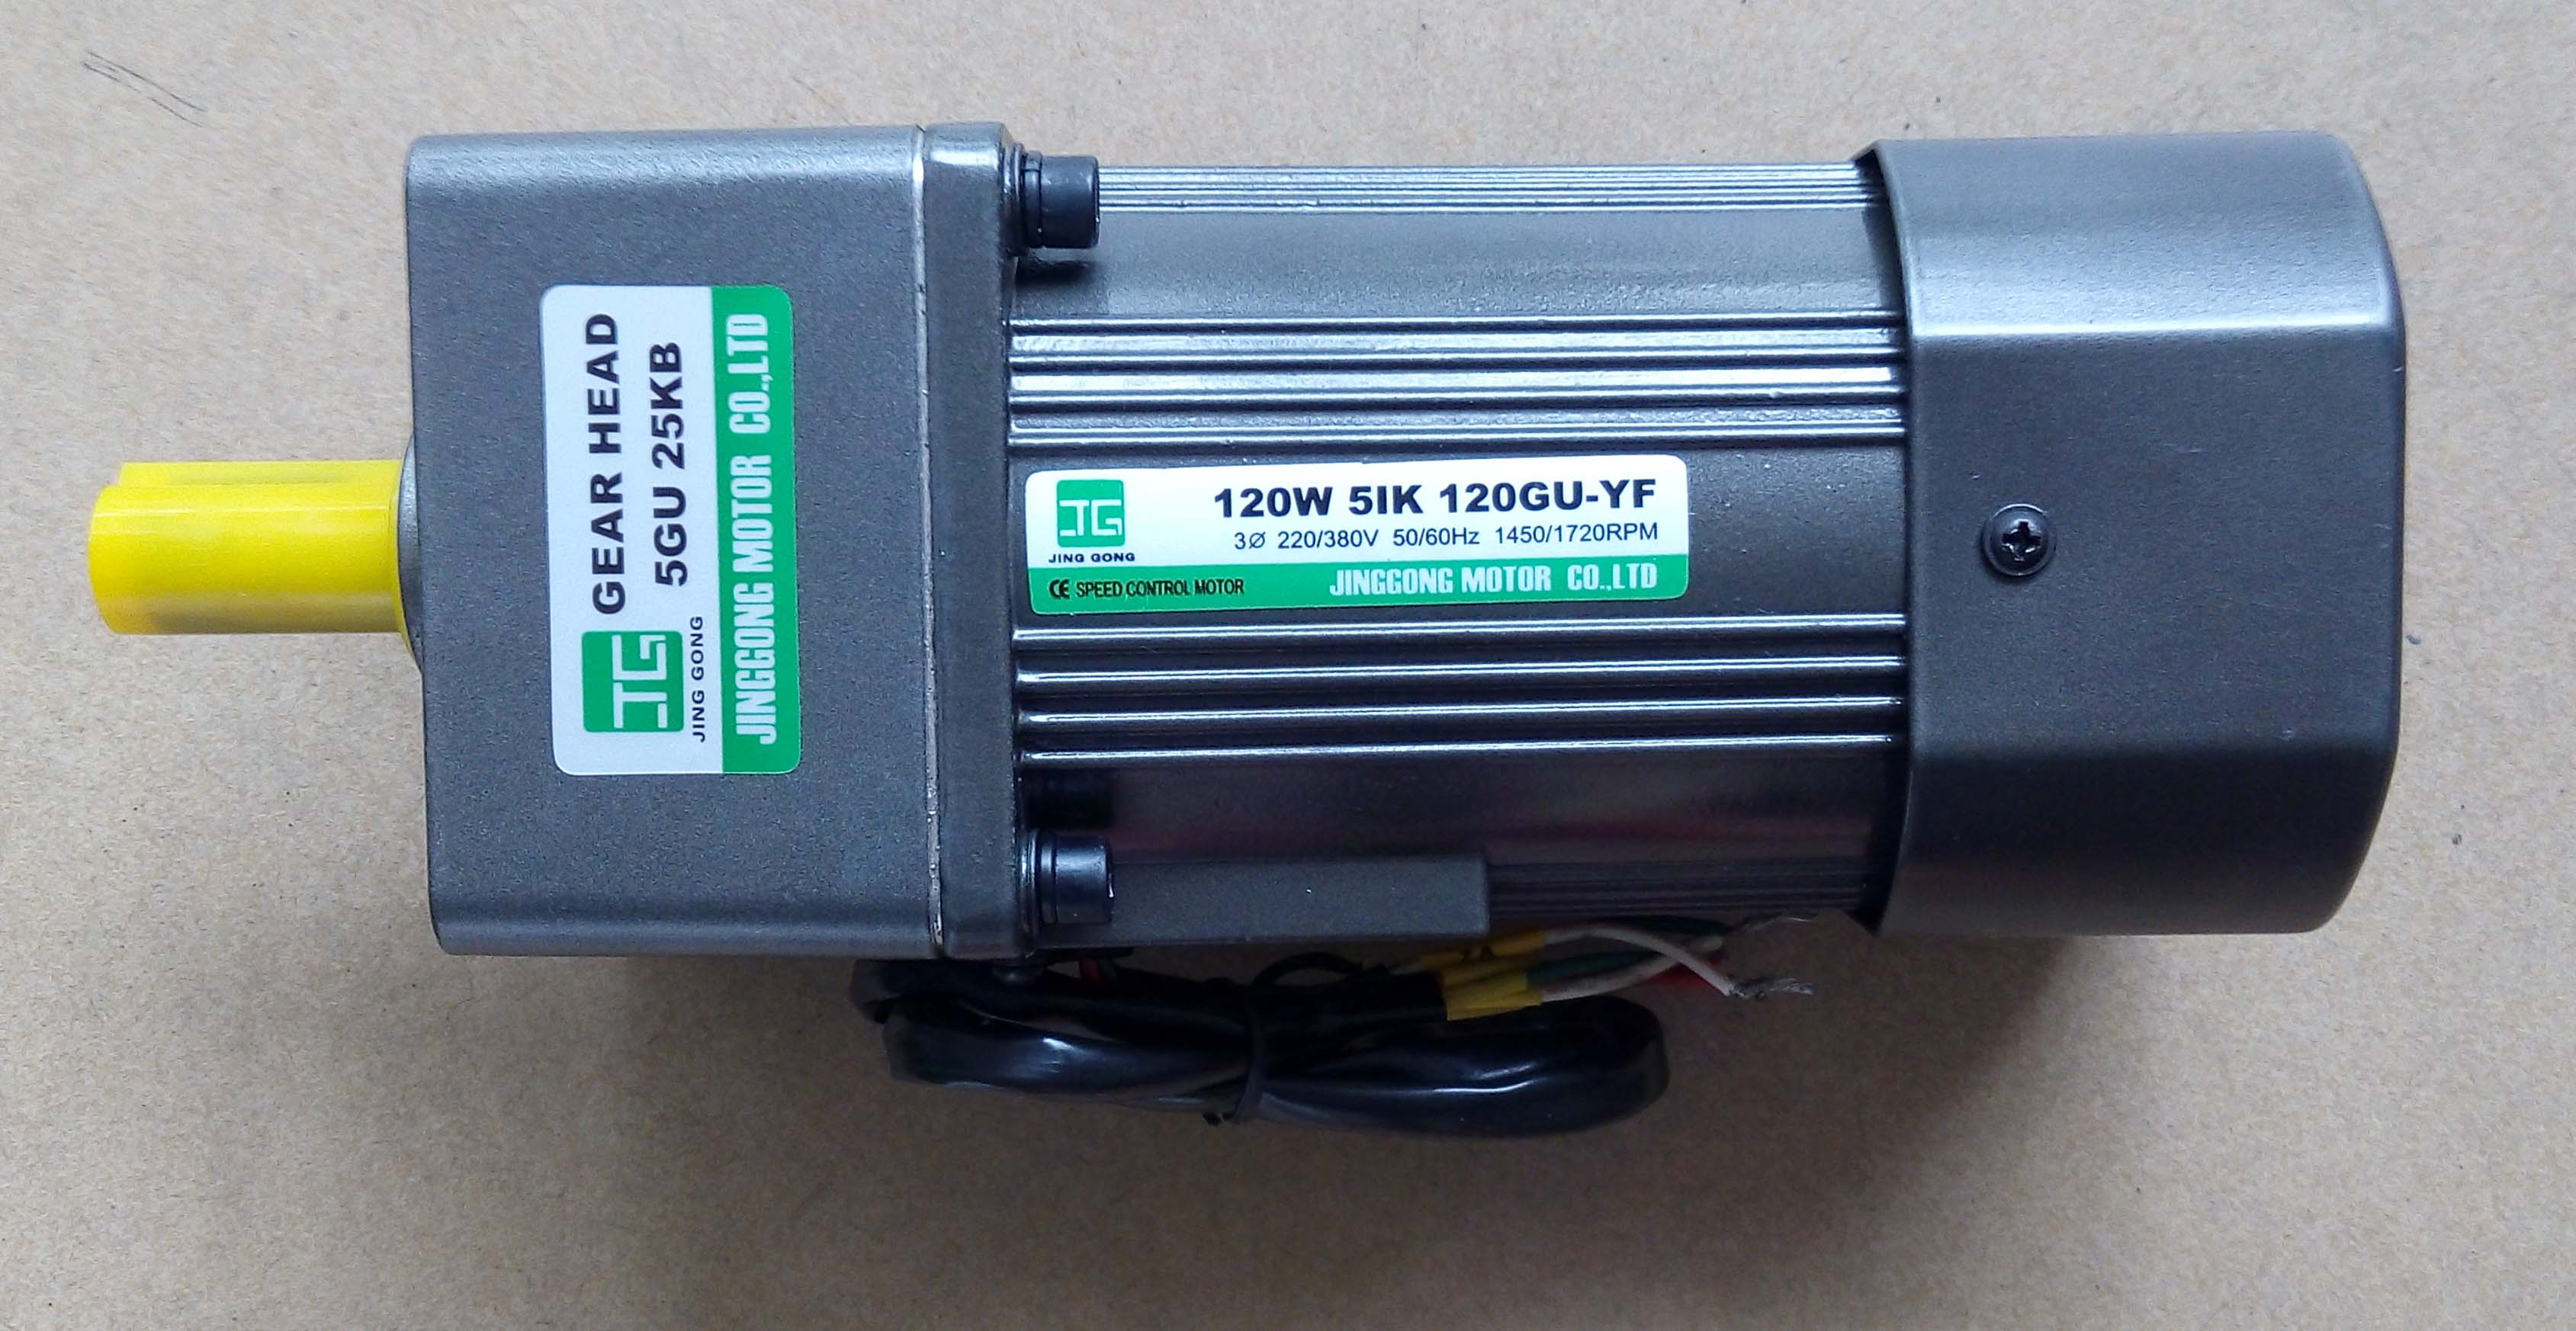 供应精工120W三相减速电机5IK120GU-YF/5GU50K